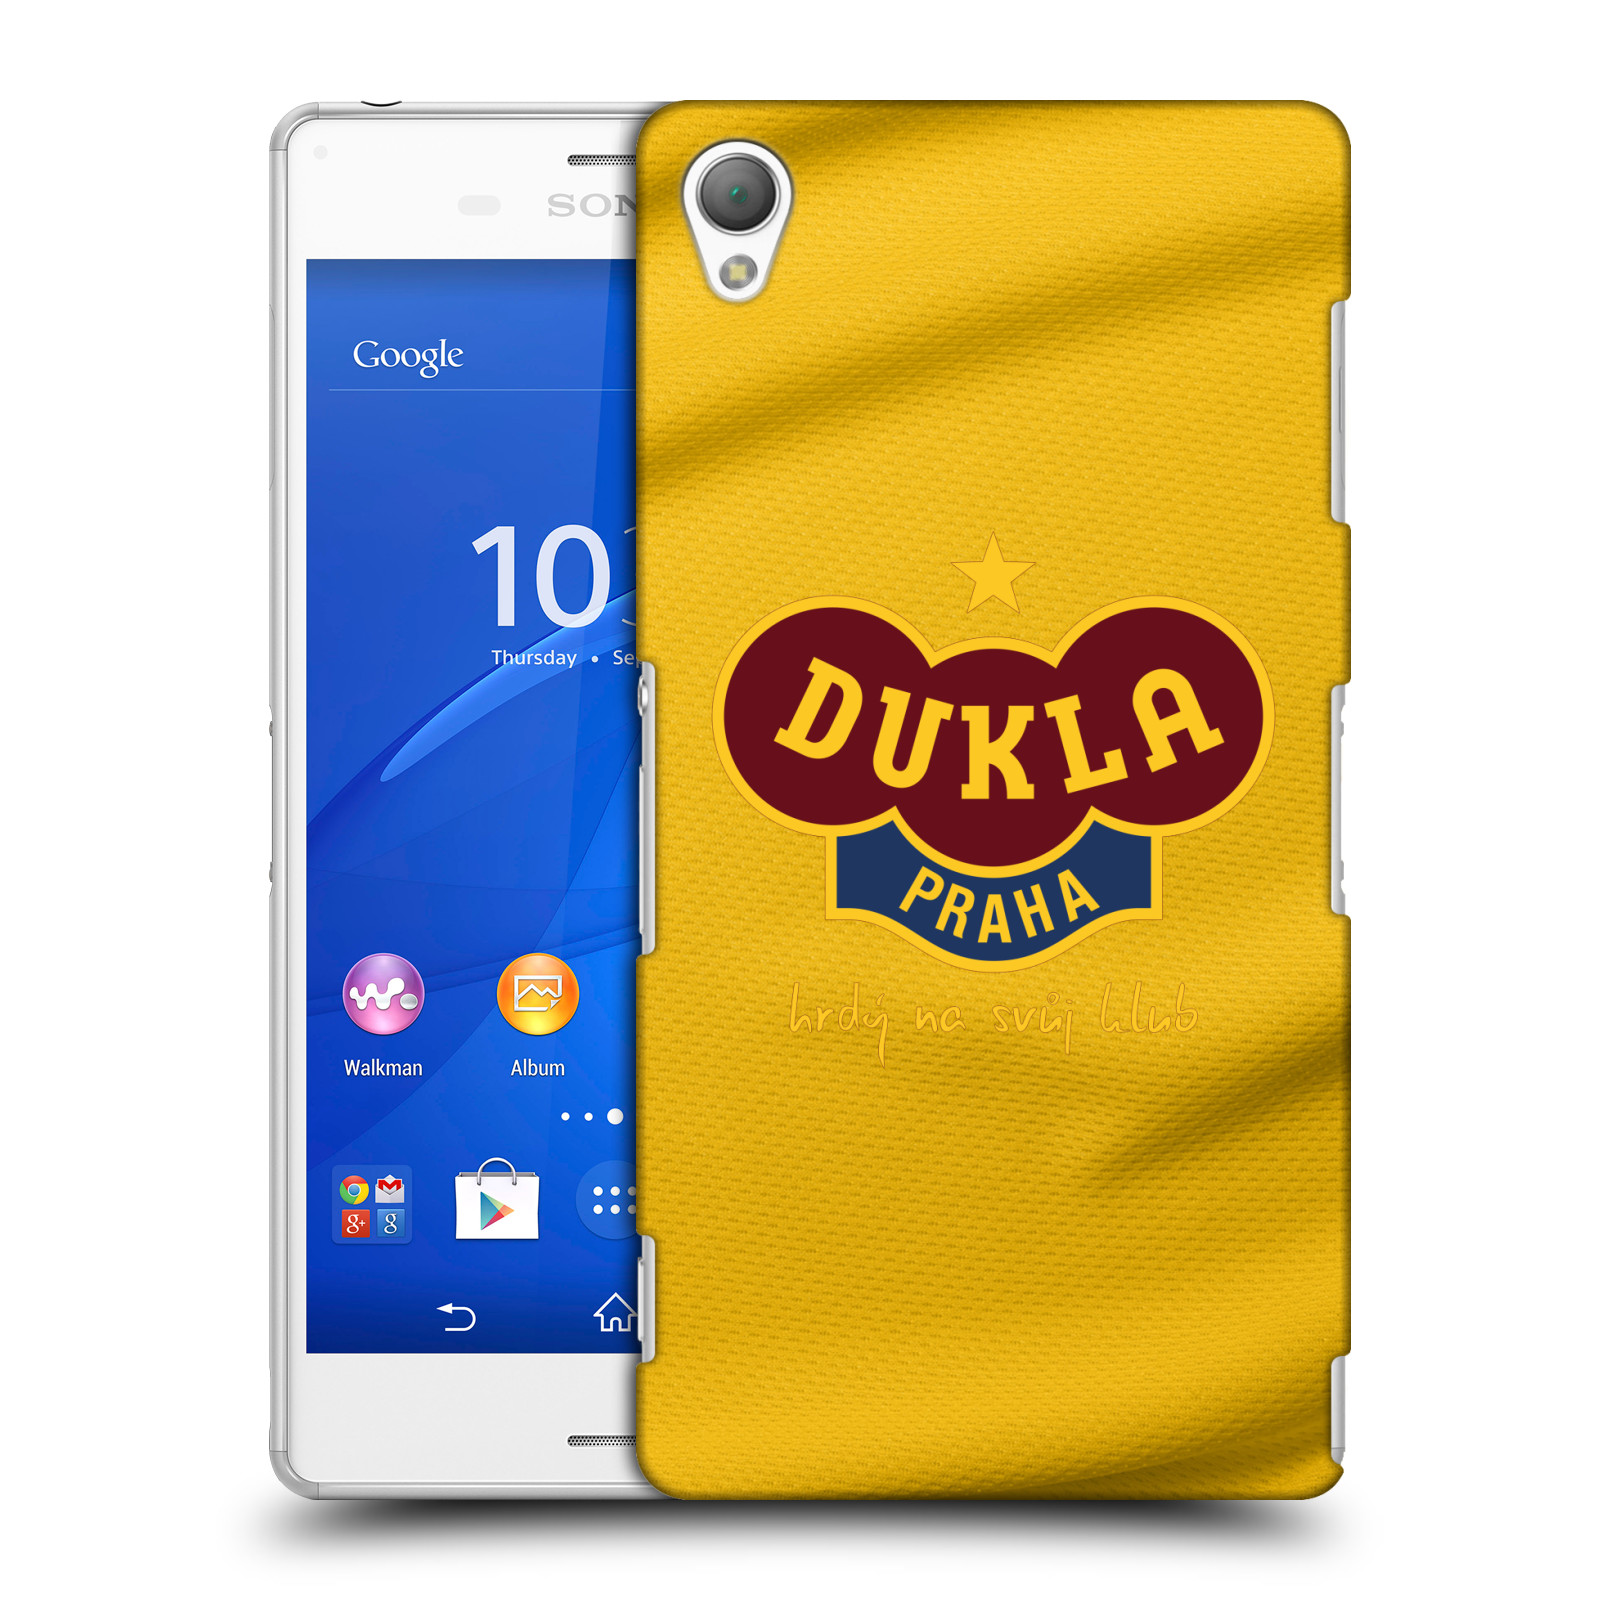 Plastové pouzdro na mobil Sony Xperia Z3 D6603 - FK Dukla Praha - Žlutý dres